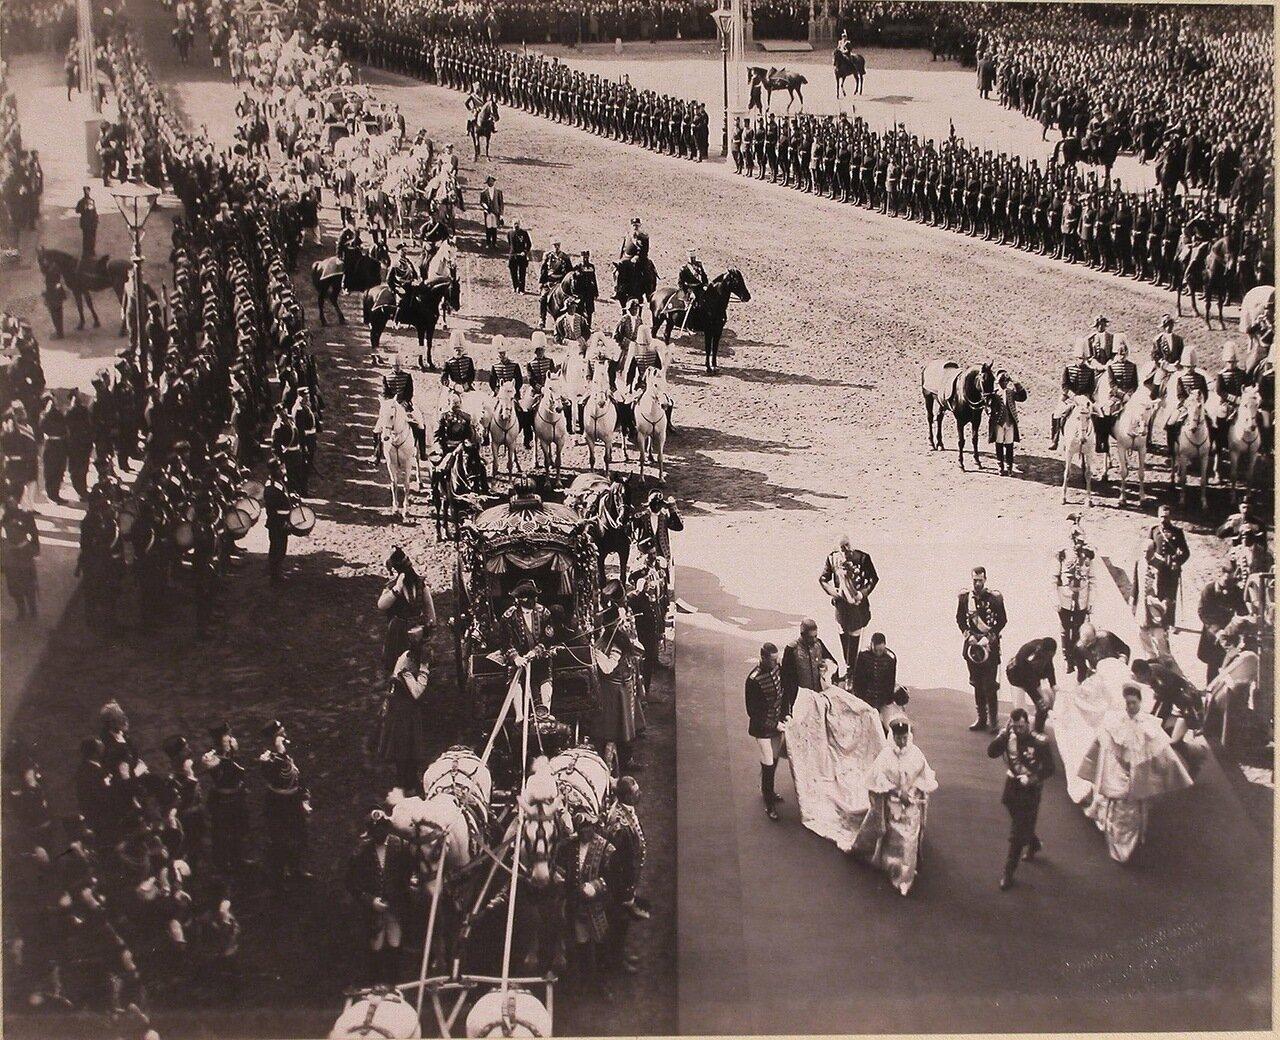 Император Николай II, императрицы Александра Федоровна и Мария Федоровна направляются к часовне Иверской Божией Матери во время остановки на Воскресенской площади; за Николаем II - великий князь Сергей Александрович